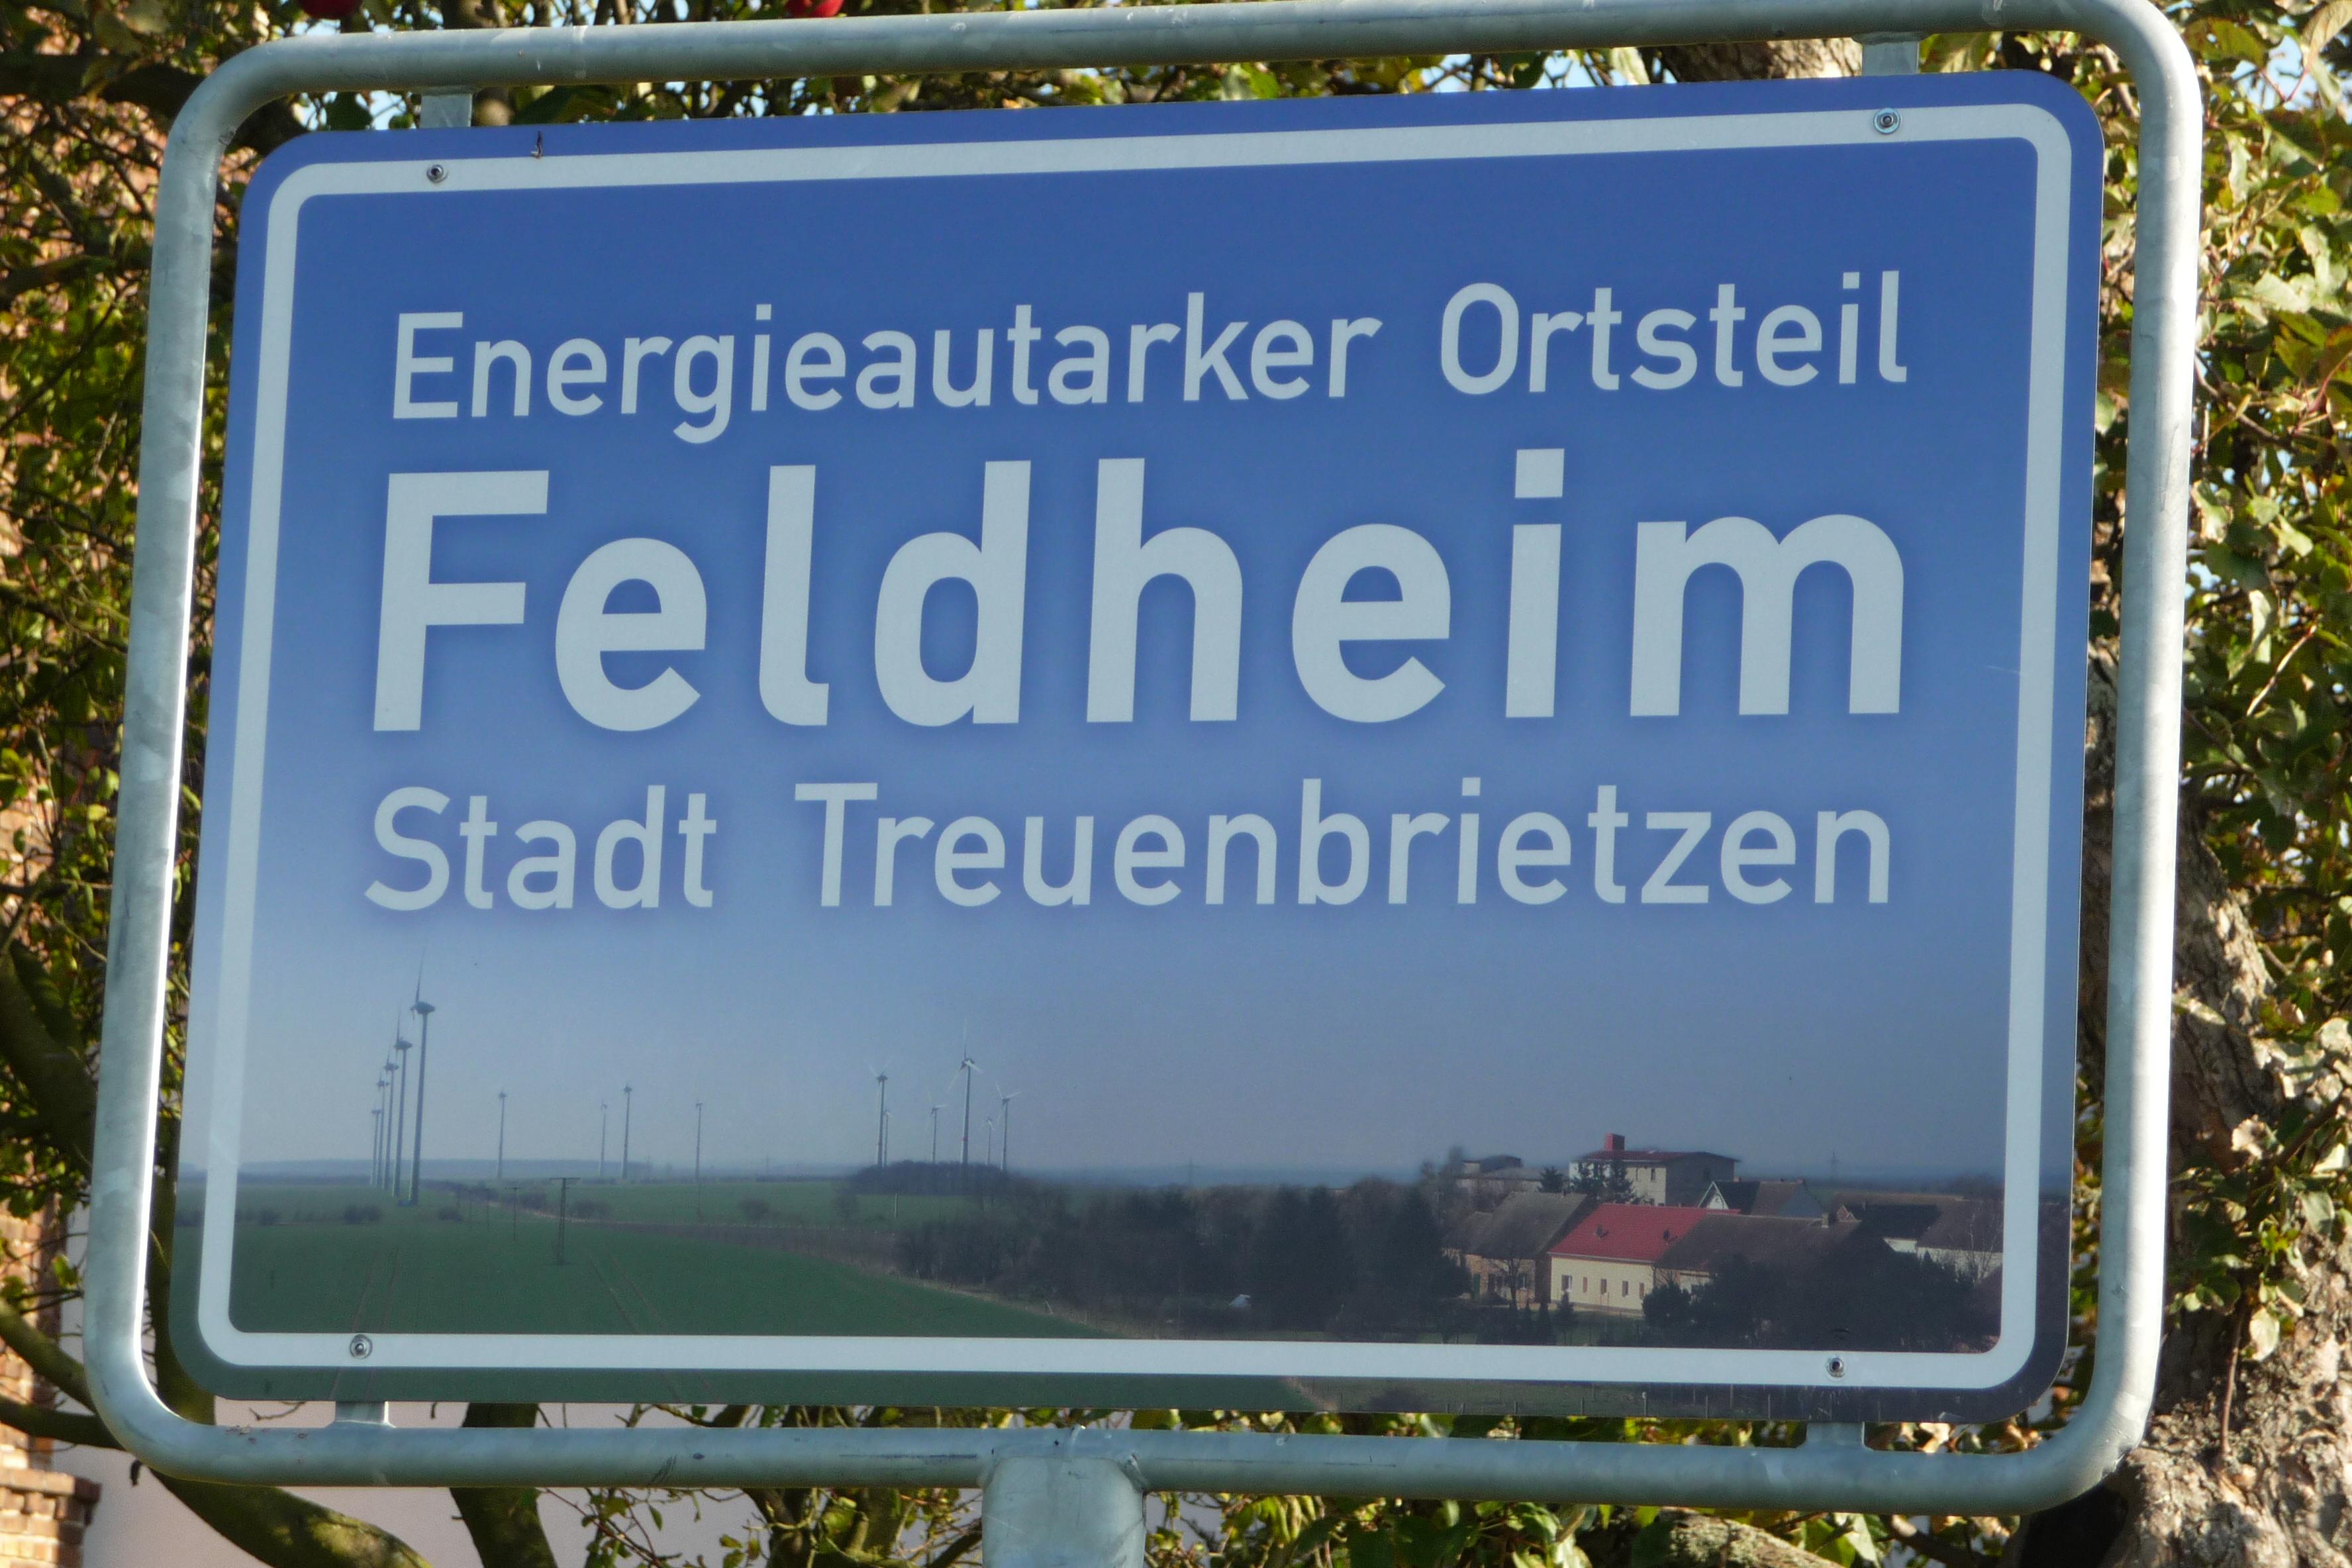 Mythos: Regionale Energieautarkie ist erstrebenswert und ökologisch.